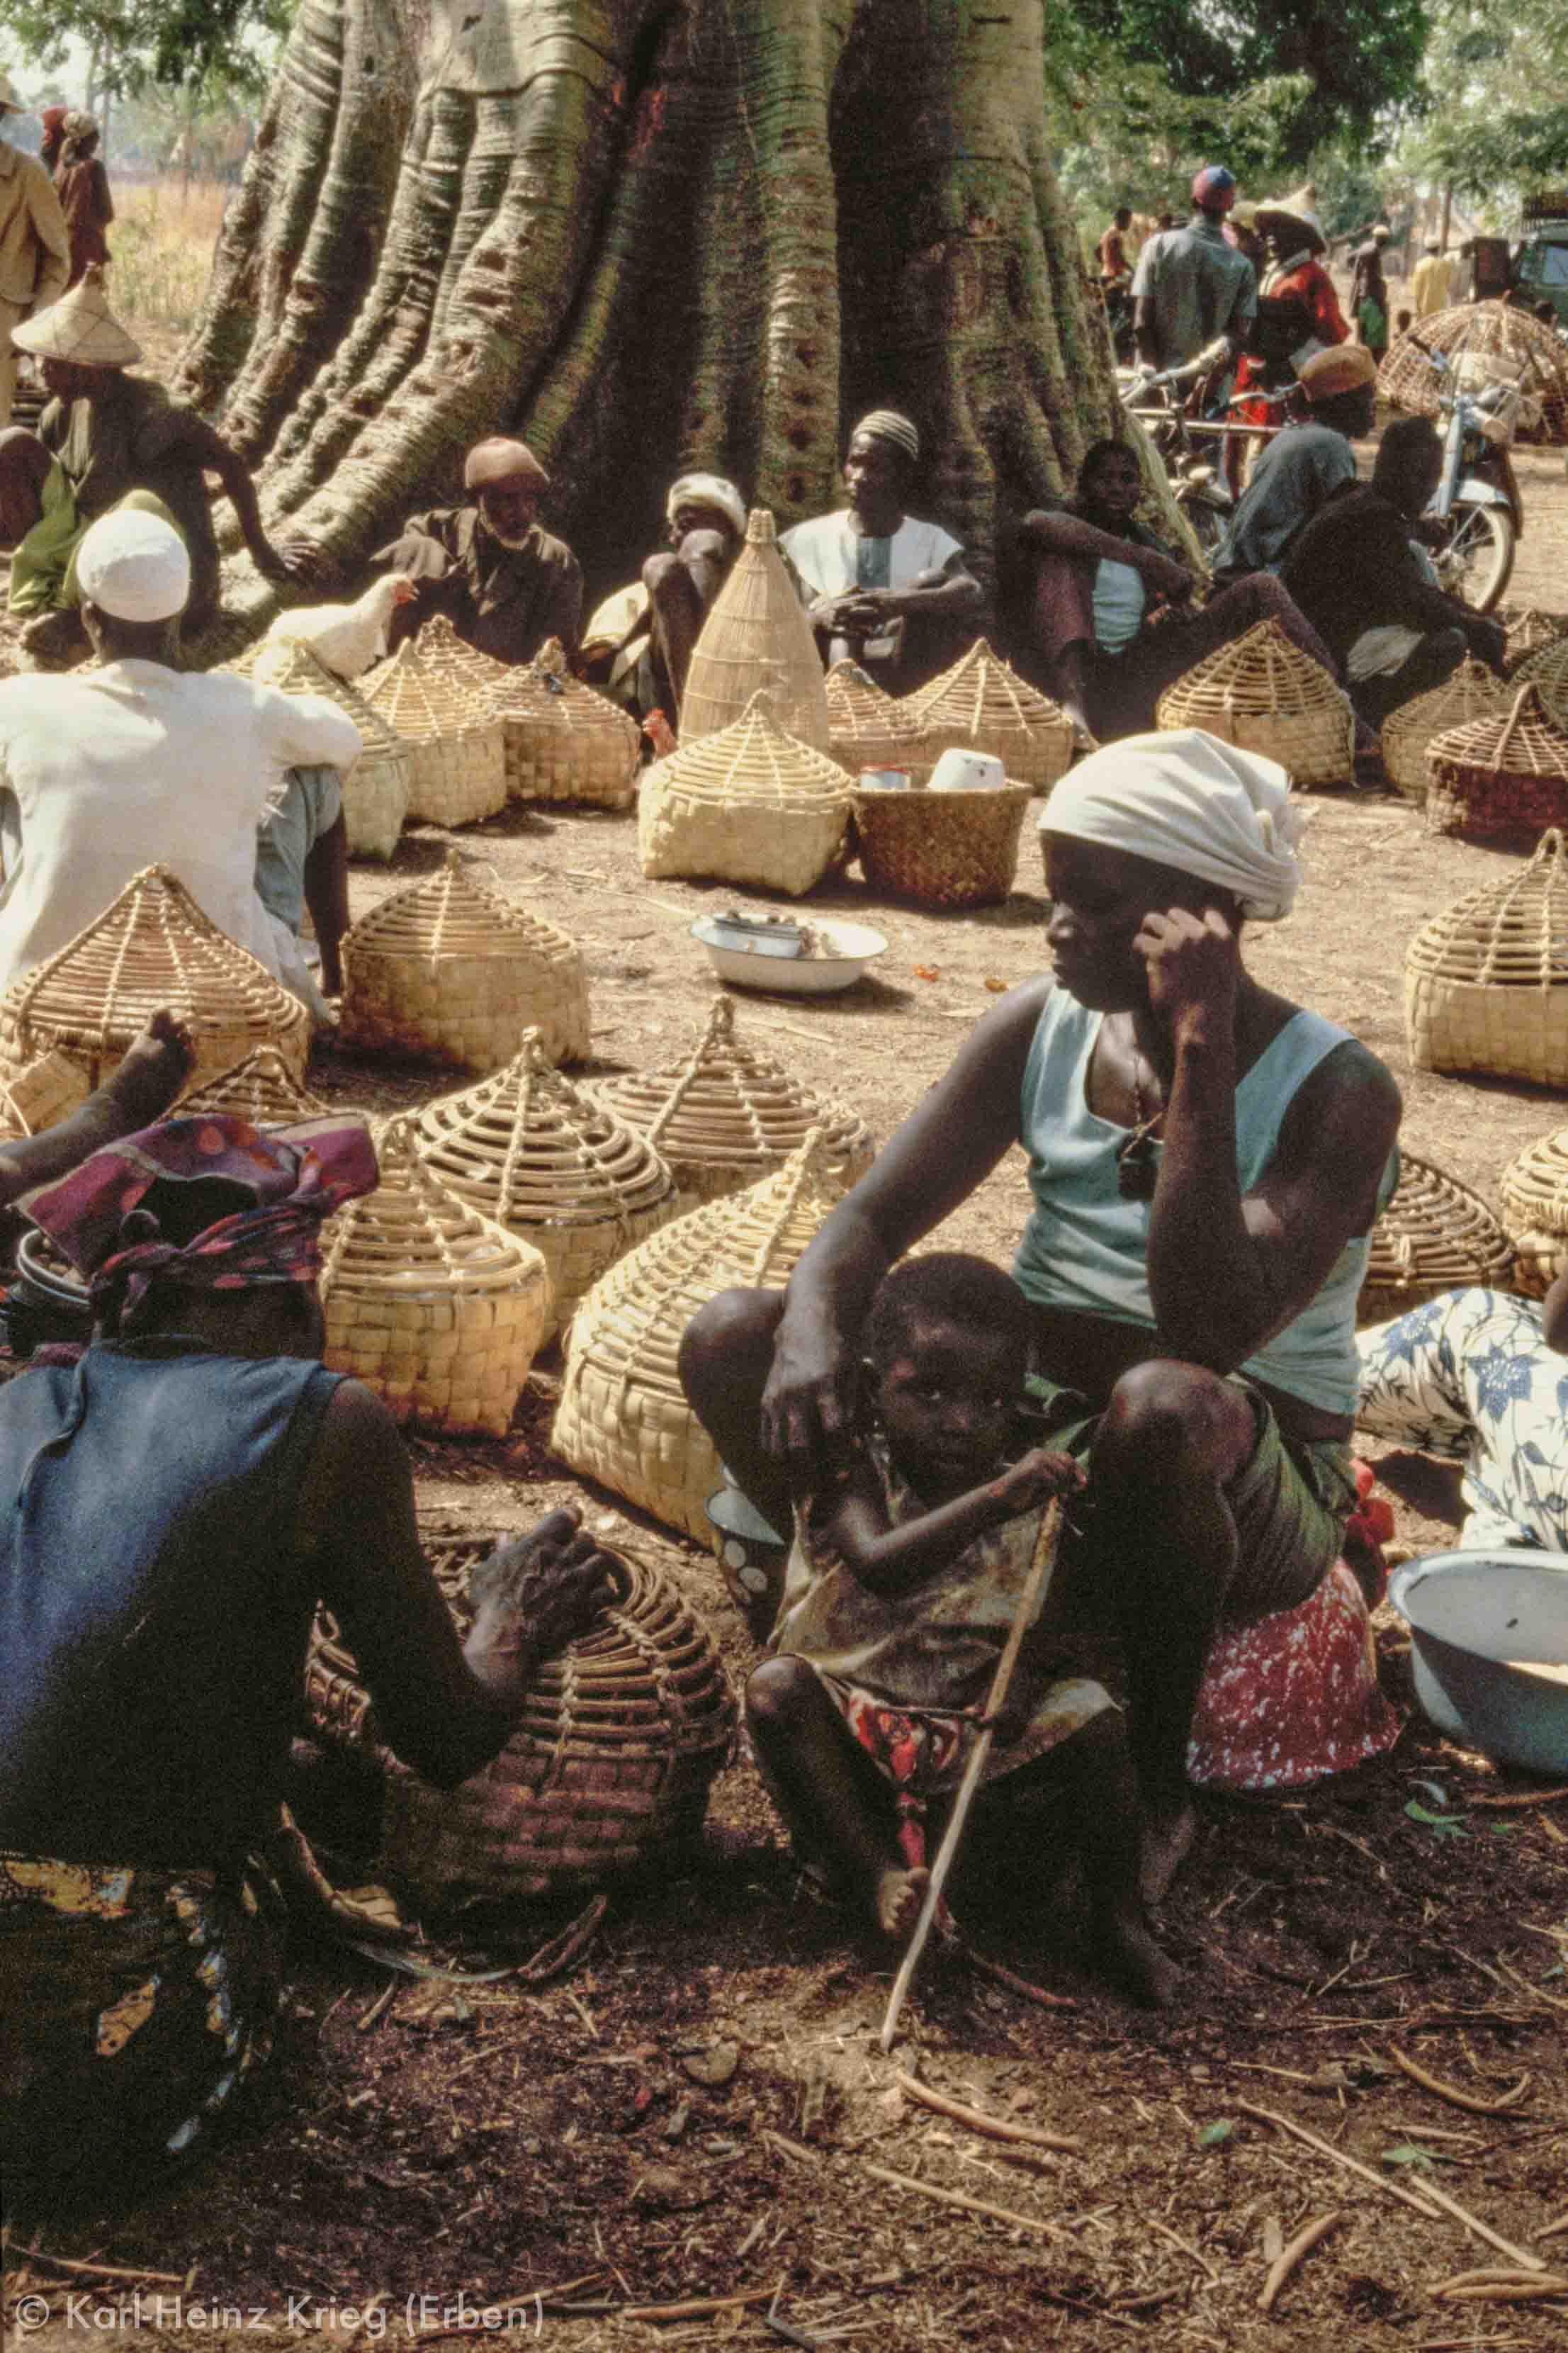 Hühnermarkt. Foto: Karl-Heinz Krieg, Tingréla (Region von Banfora, Burkina Faso), 1980